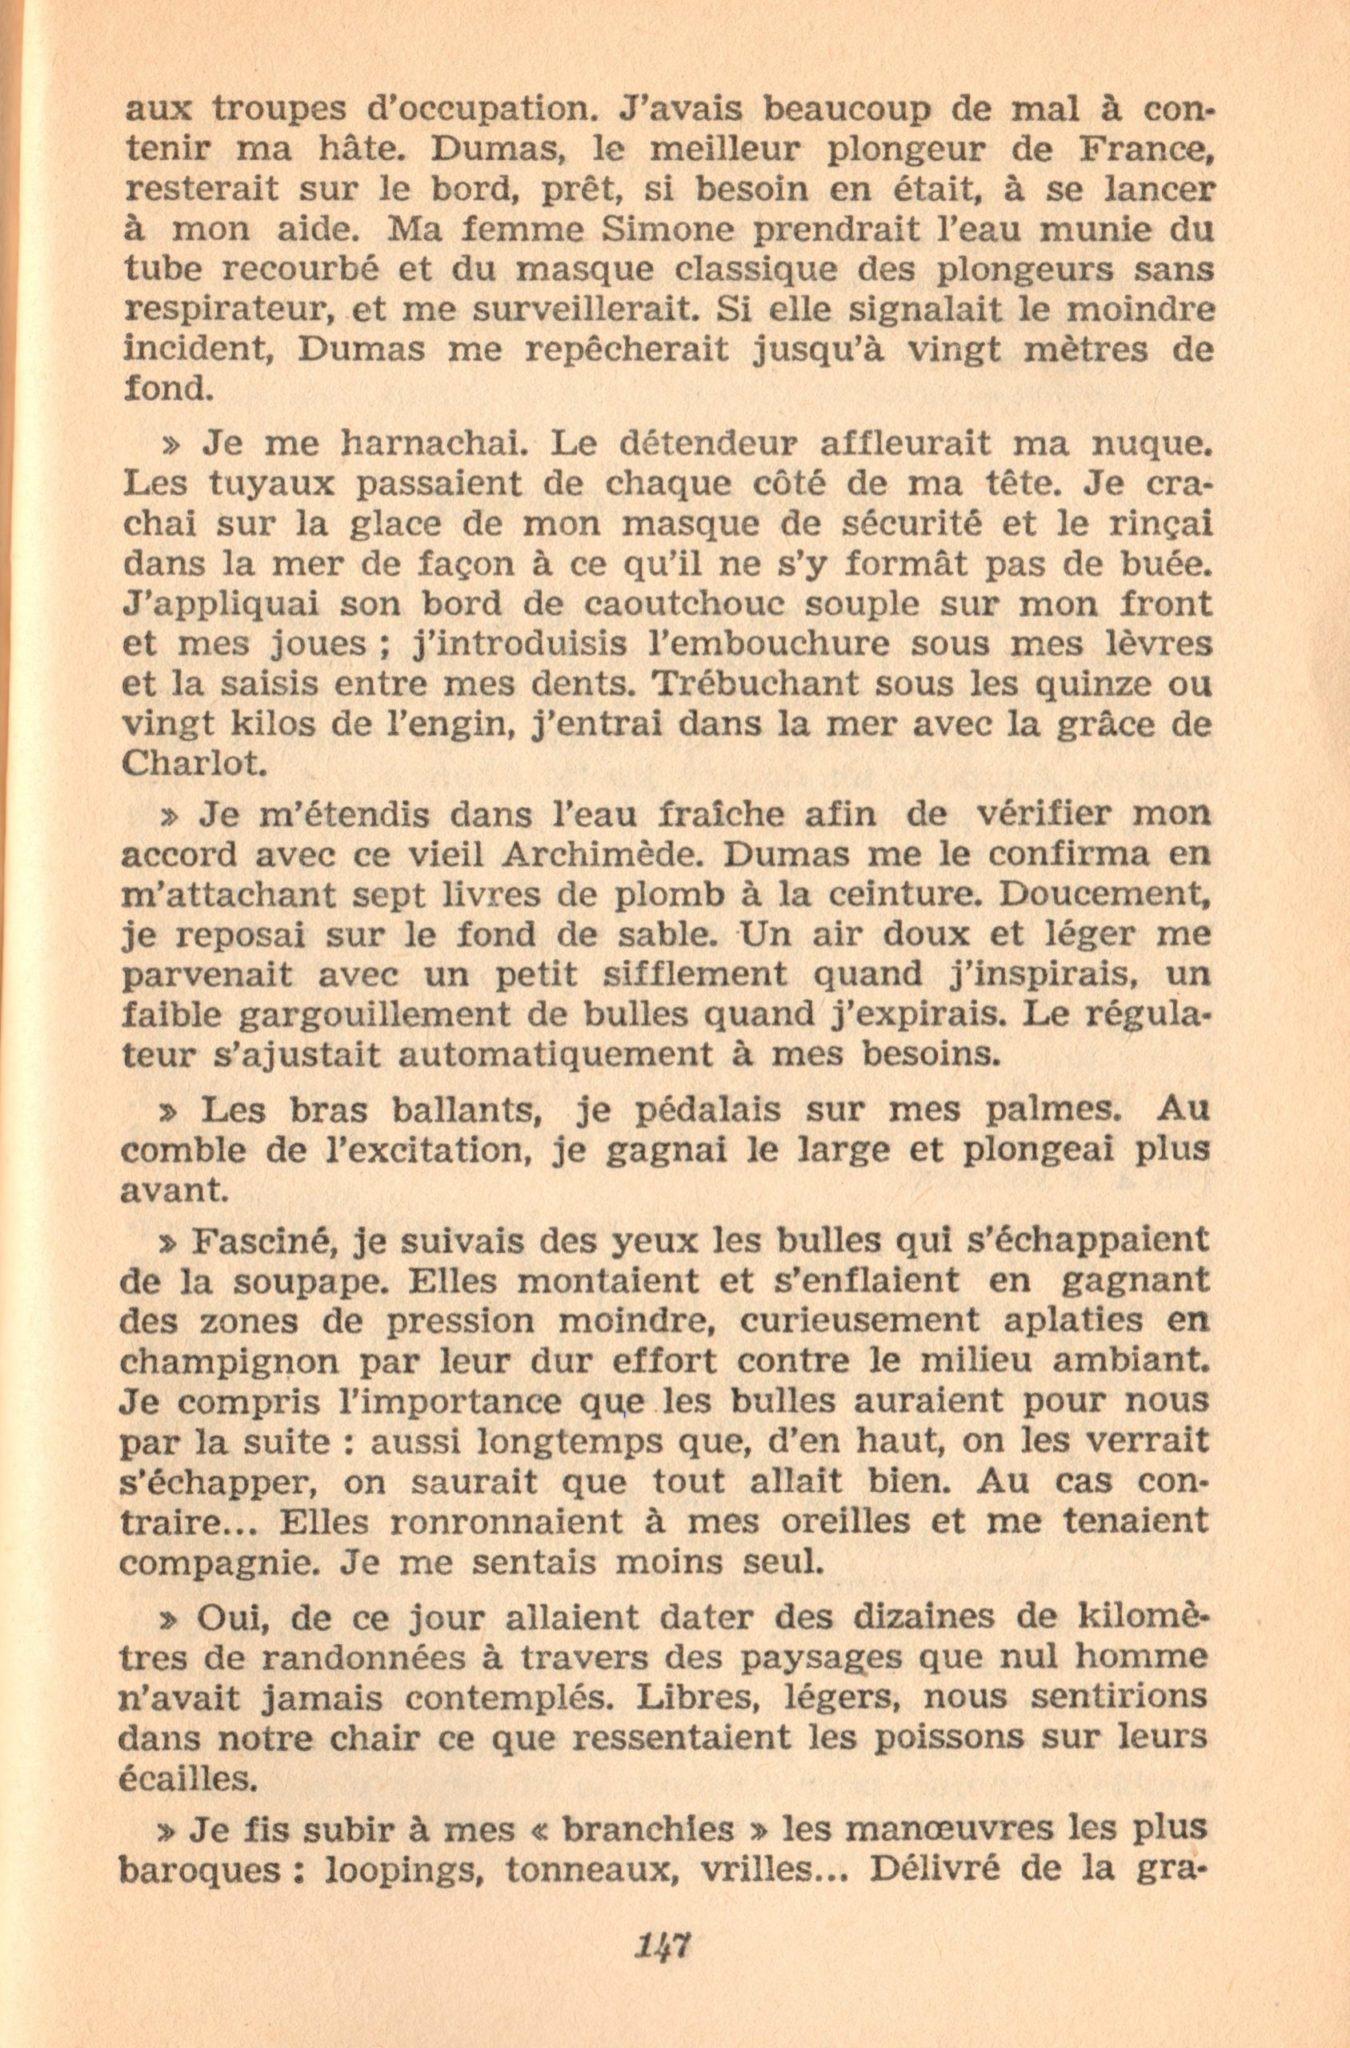 p147, La conquête des fonds sous-marins, marabout chercheur